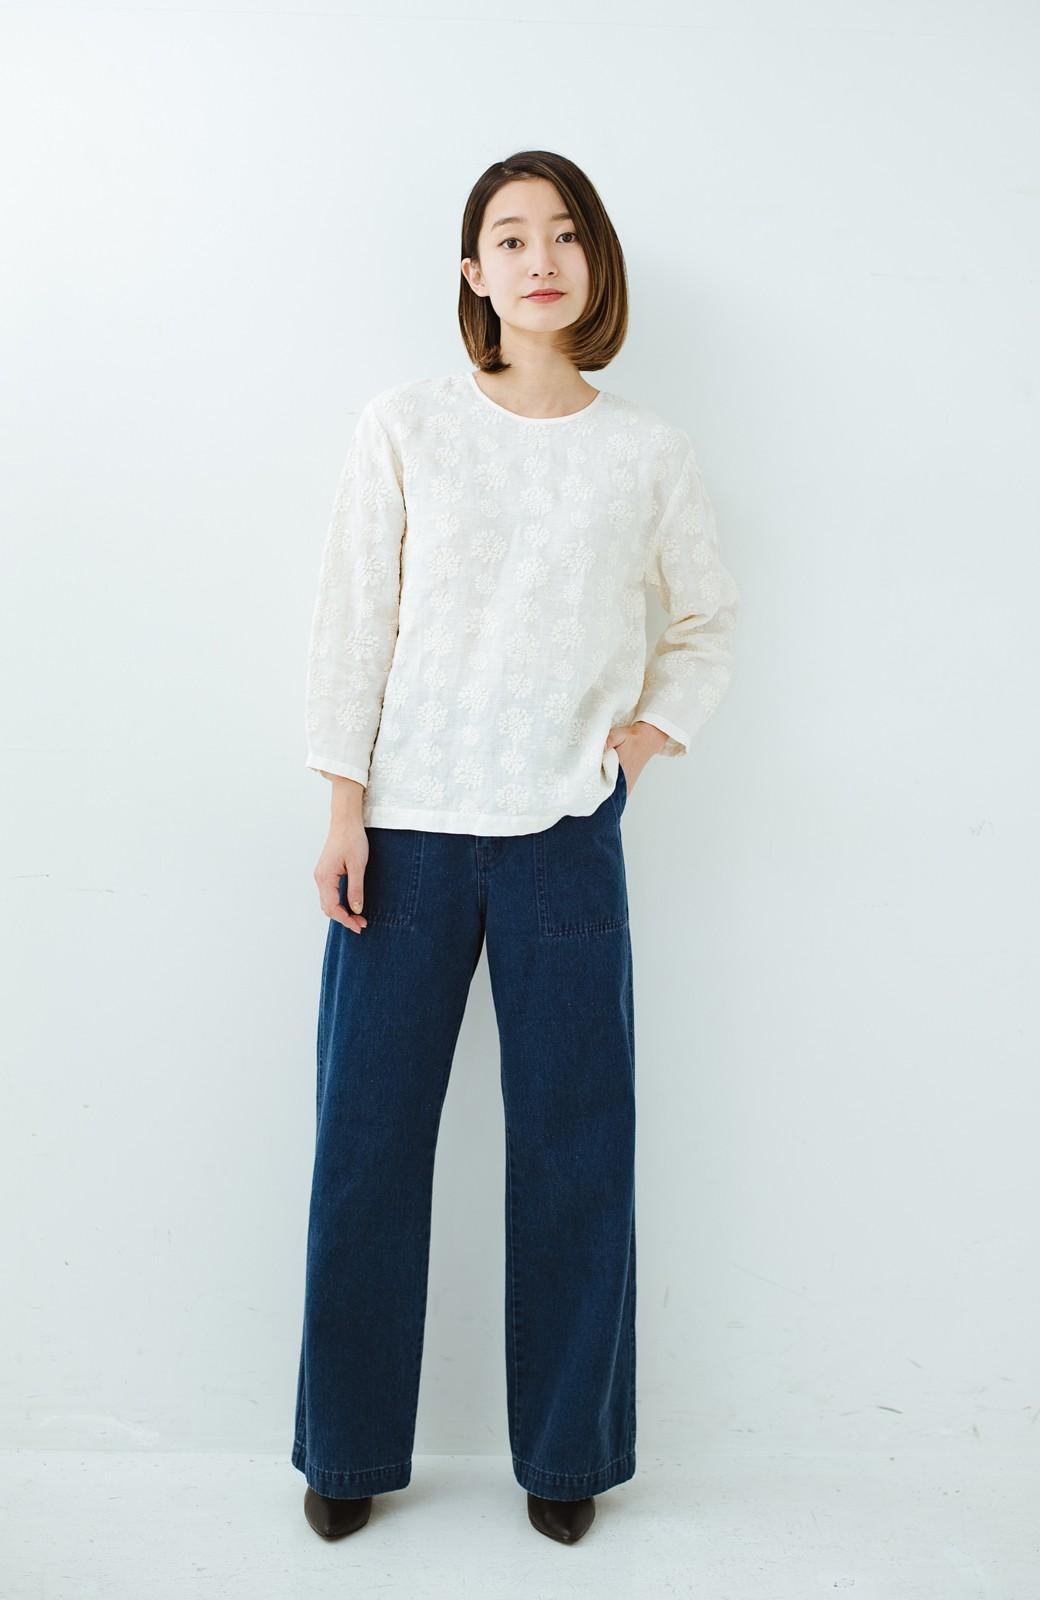 haco! てとひとて Miho Umezawa ダリア刺繍リネンブラウス <クリーム>の商品写真8